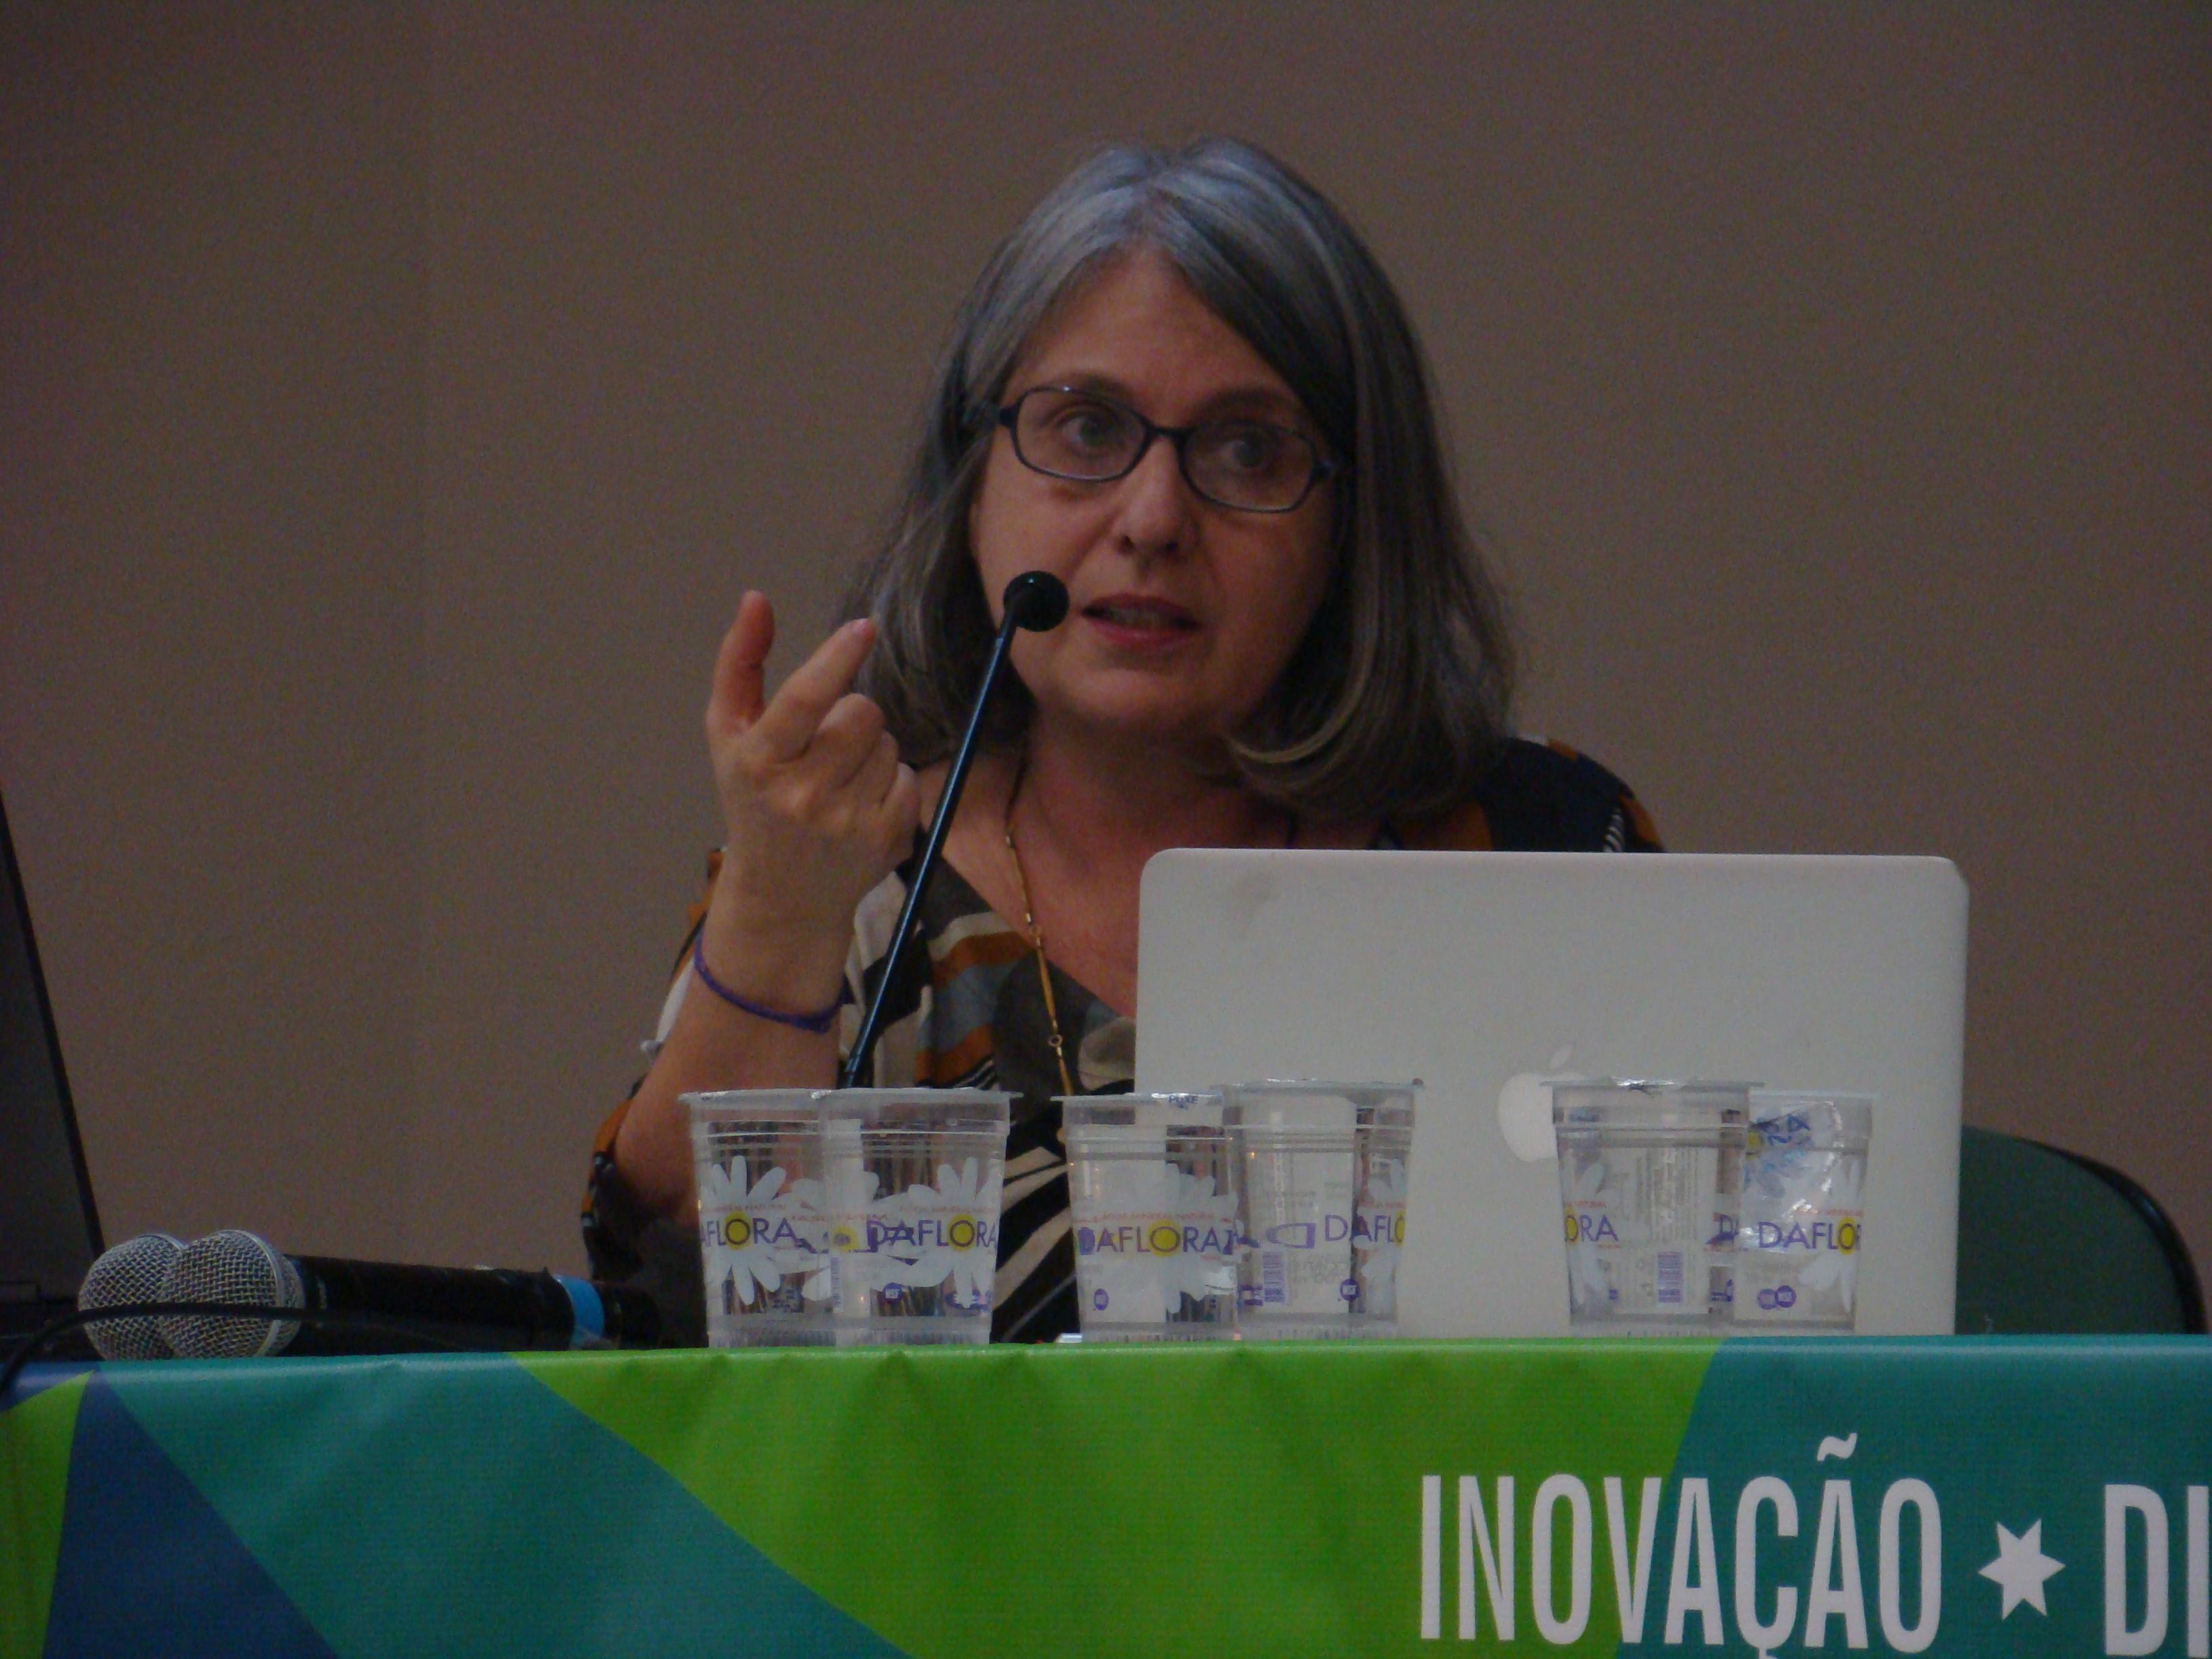 Diversidade E Desigualdade Foram Tema De Debate Em Mesa-redonda Na 69ª Reunião Anual Da SBPC